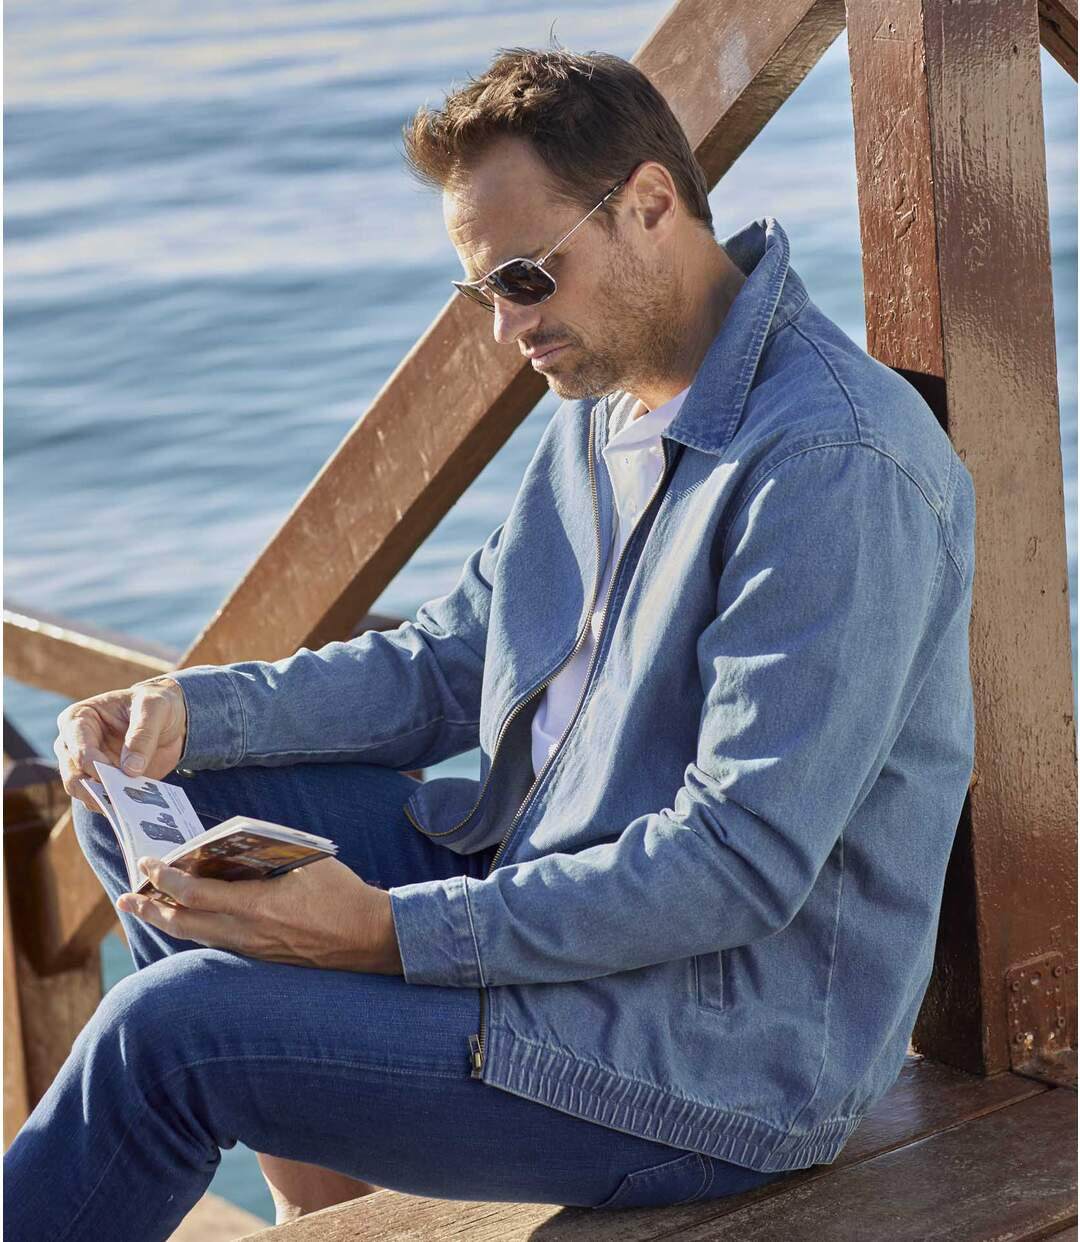 Sommerjacke im Jeans-Look